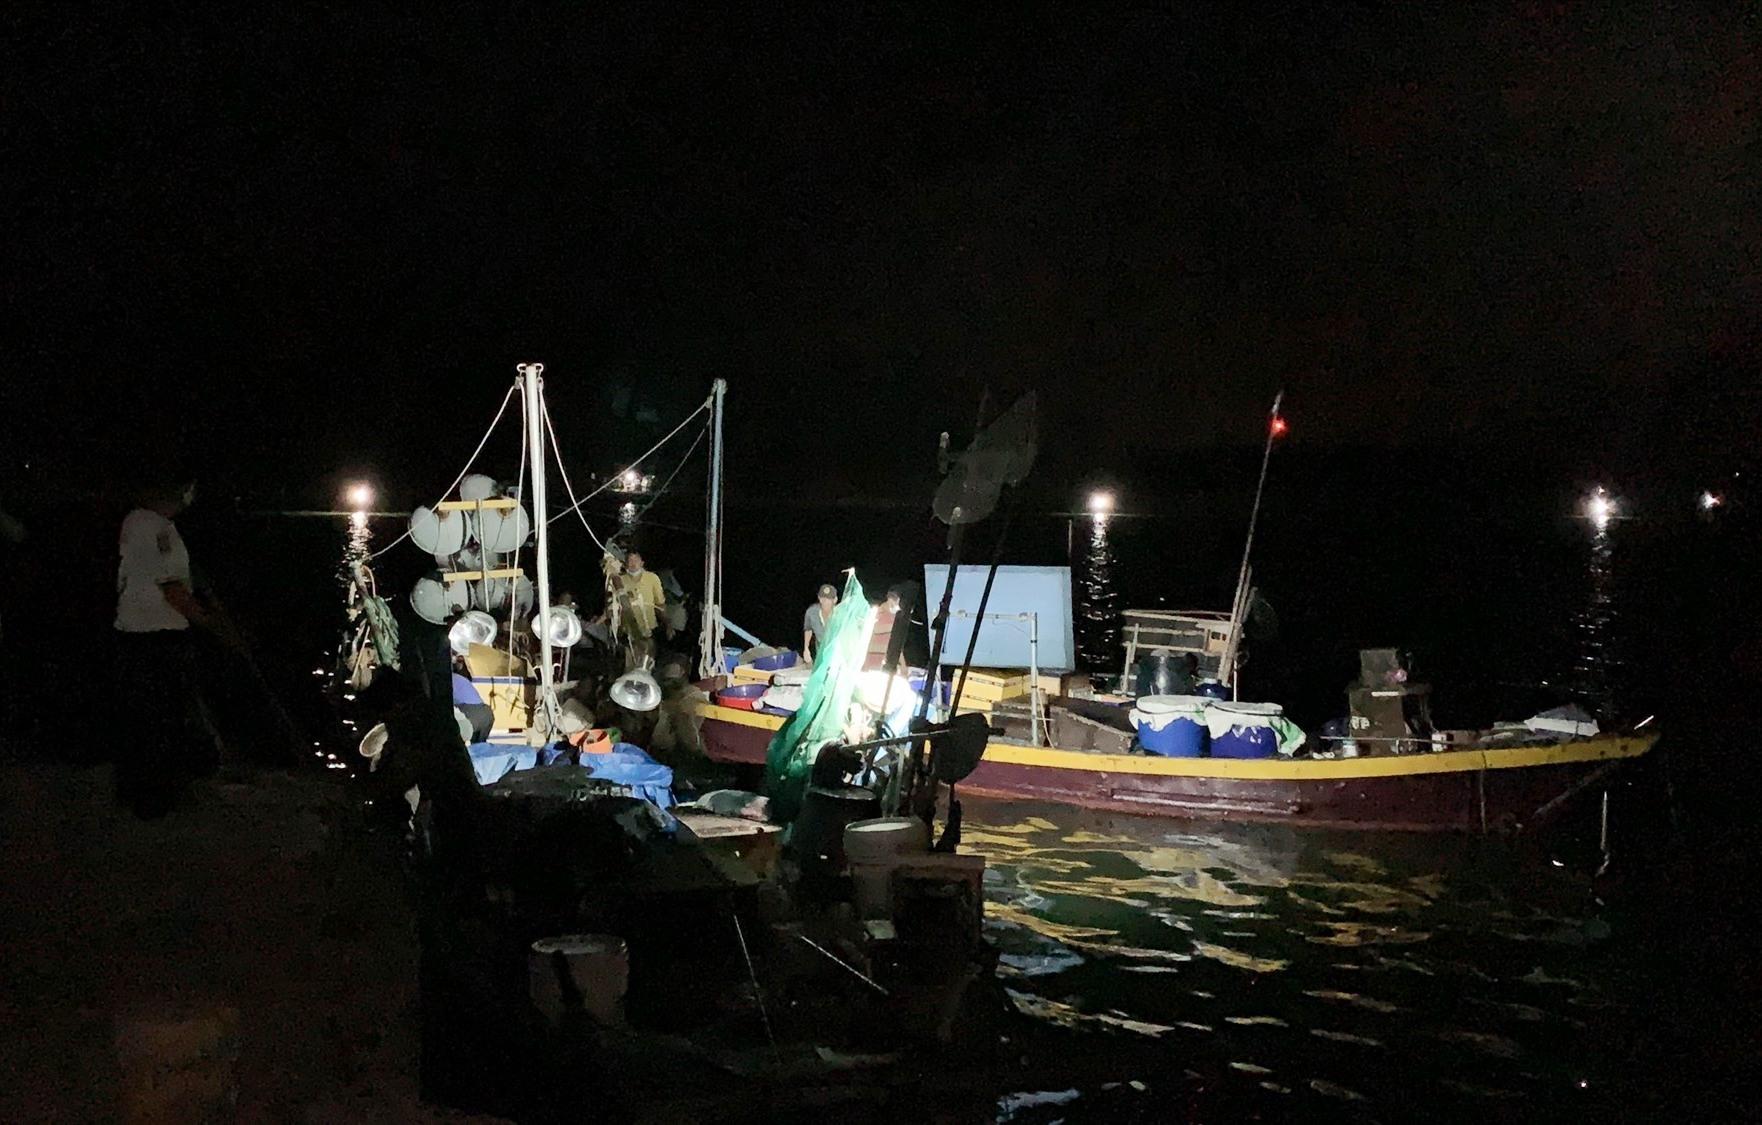 Lực lượng biên phòng bắt 5 tàu cá khai thác thủy hải sản trái phép. Ảnh: HỒNG ANH